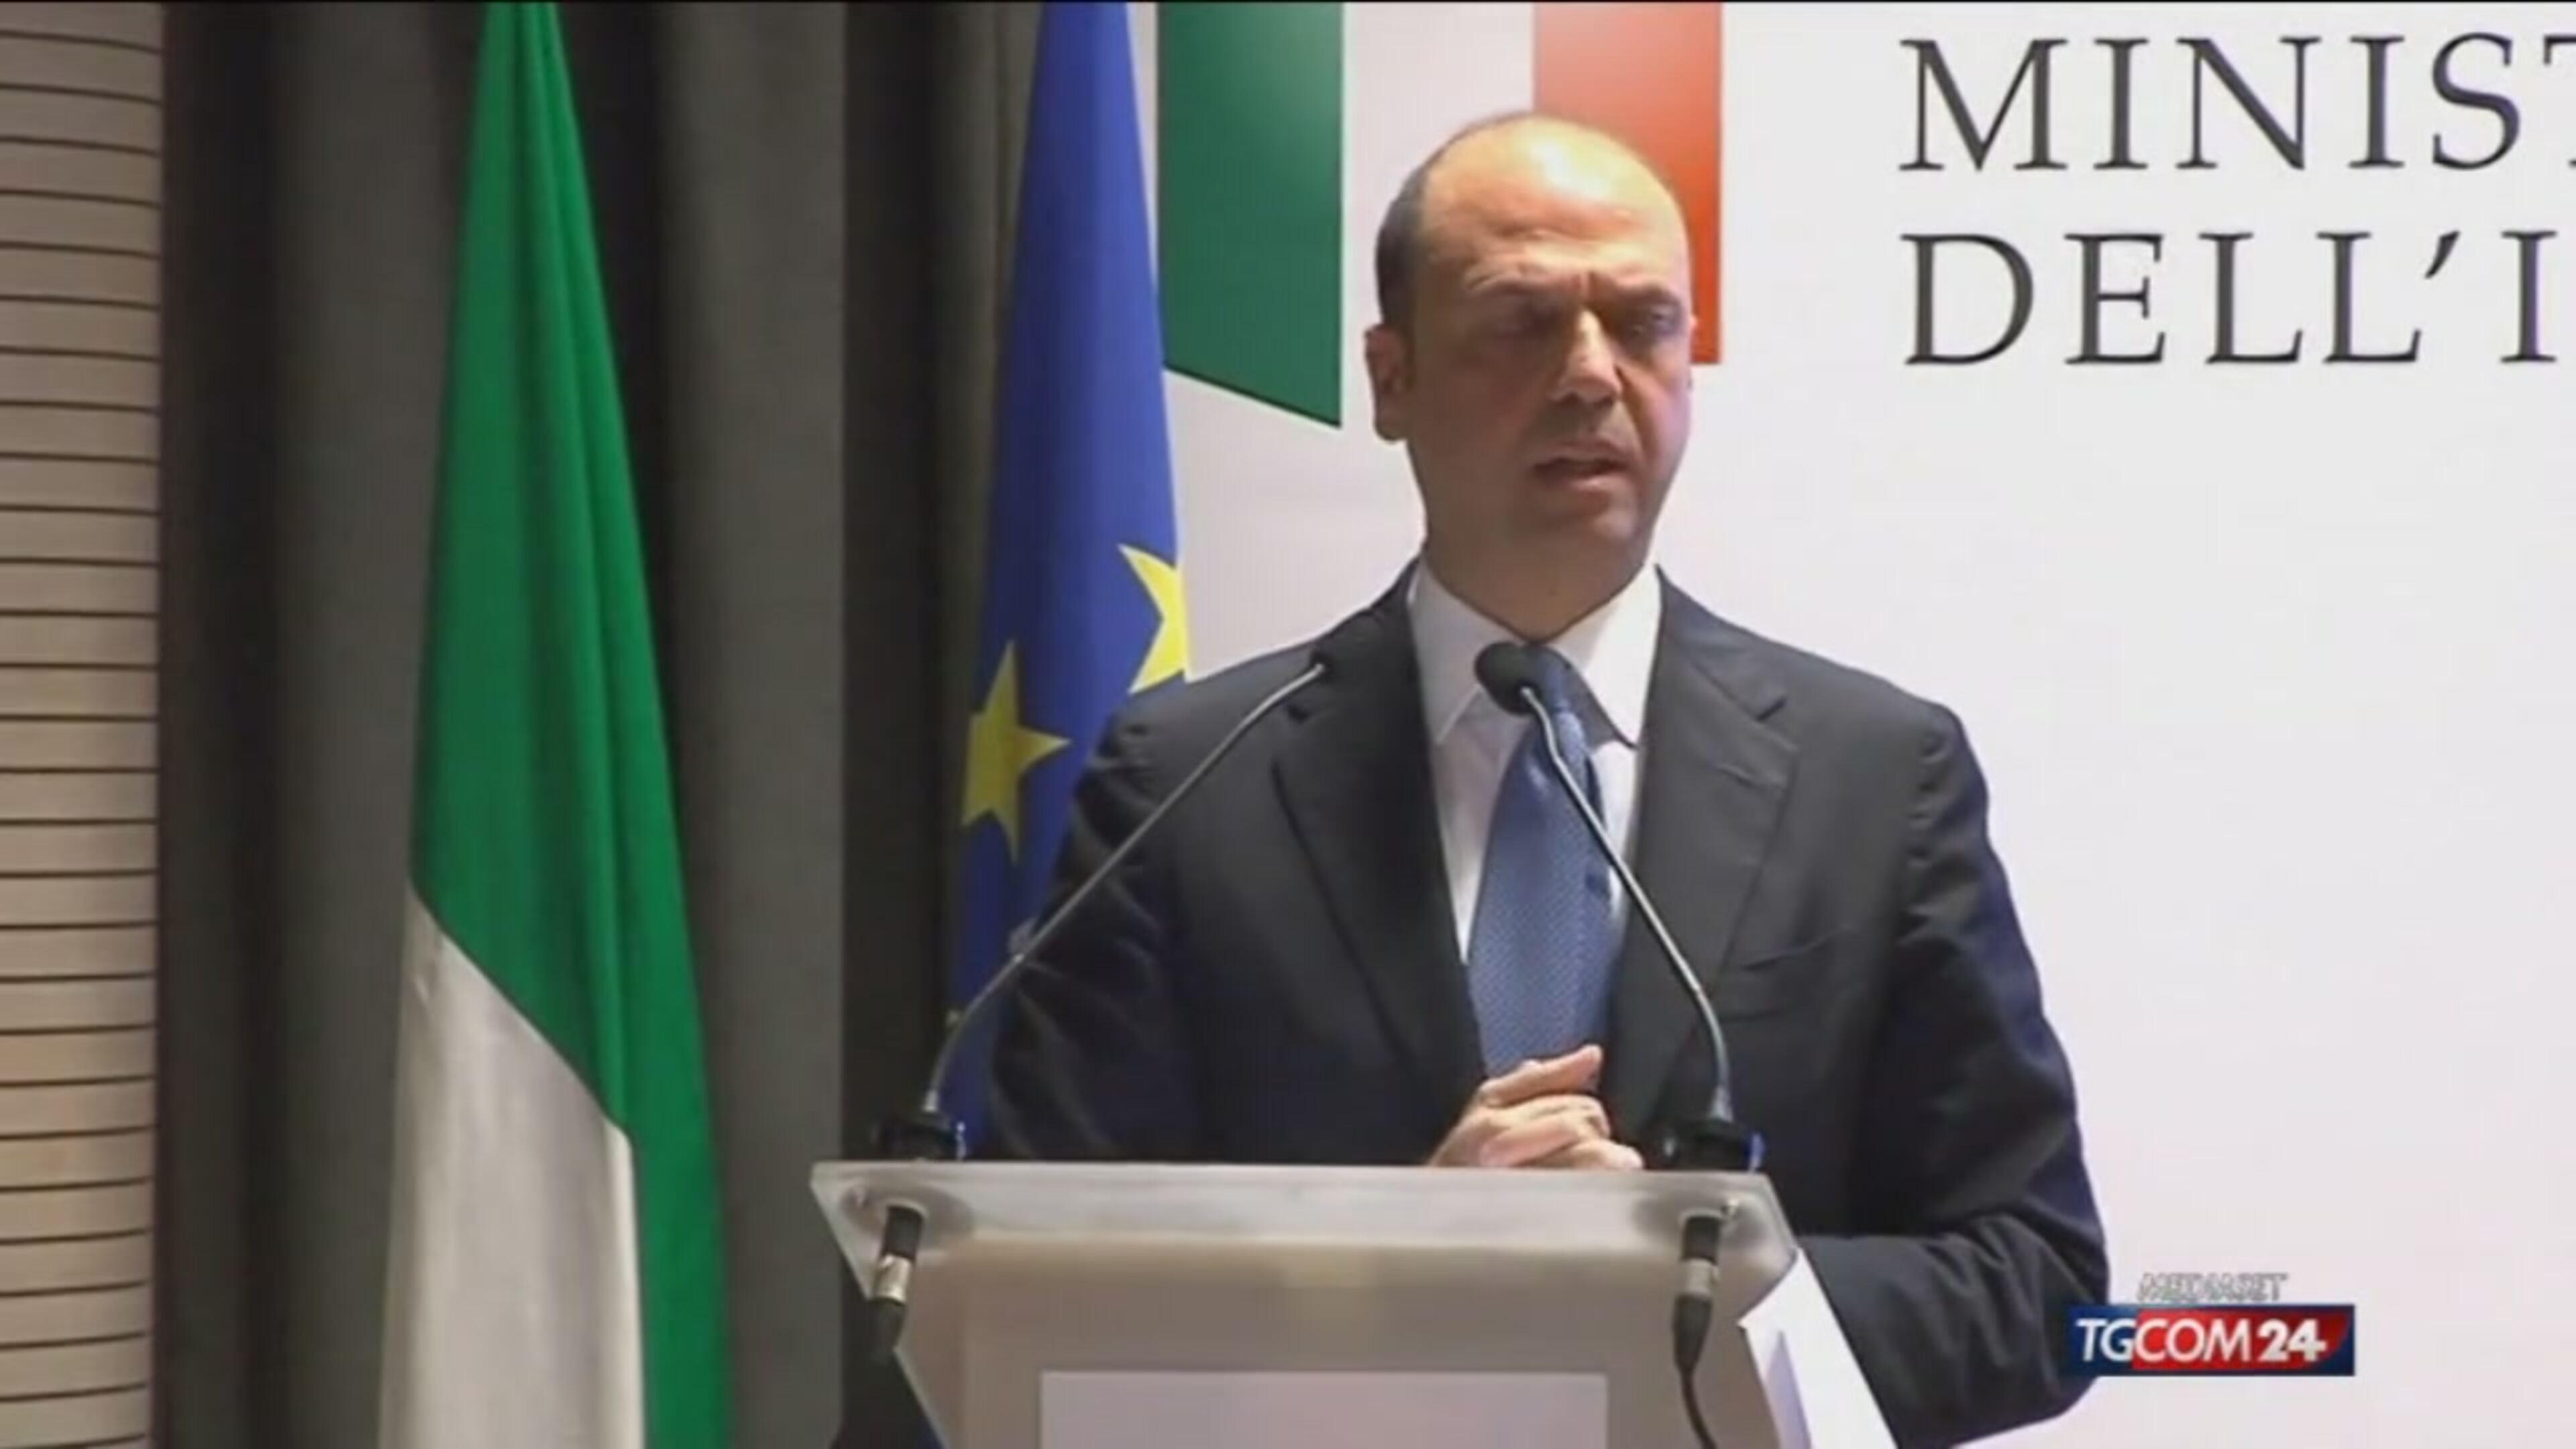 Video tgcom24 allerta in italia dopo l 39 attacco a nizza for Aste giudiziarie milano ultimi arrivi